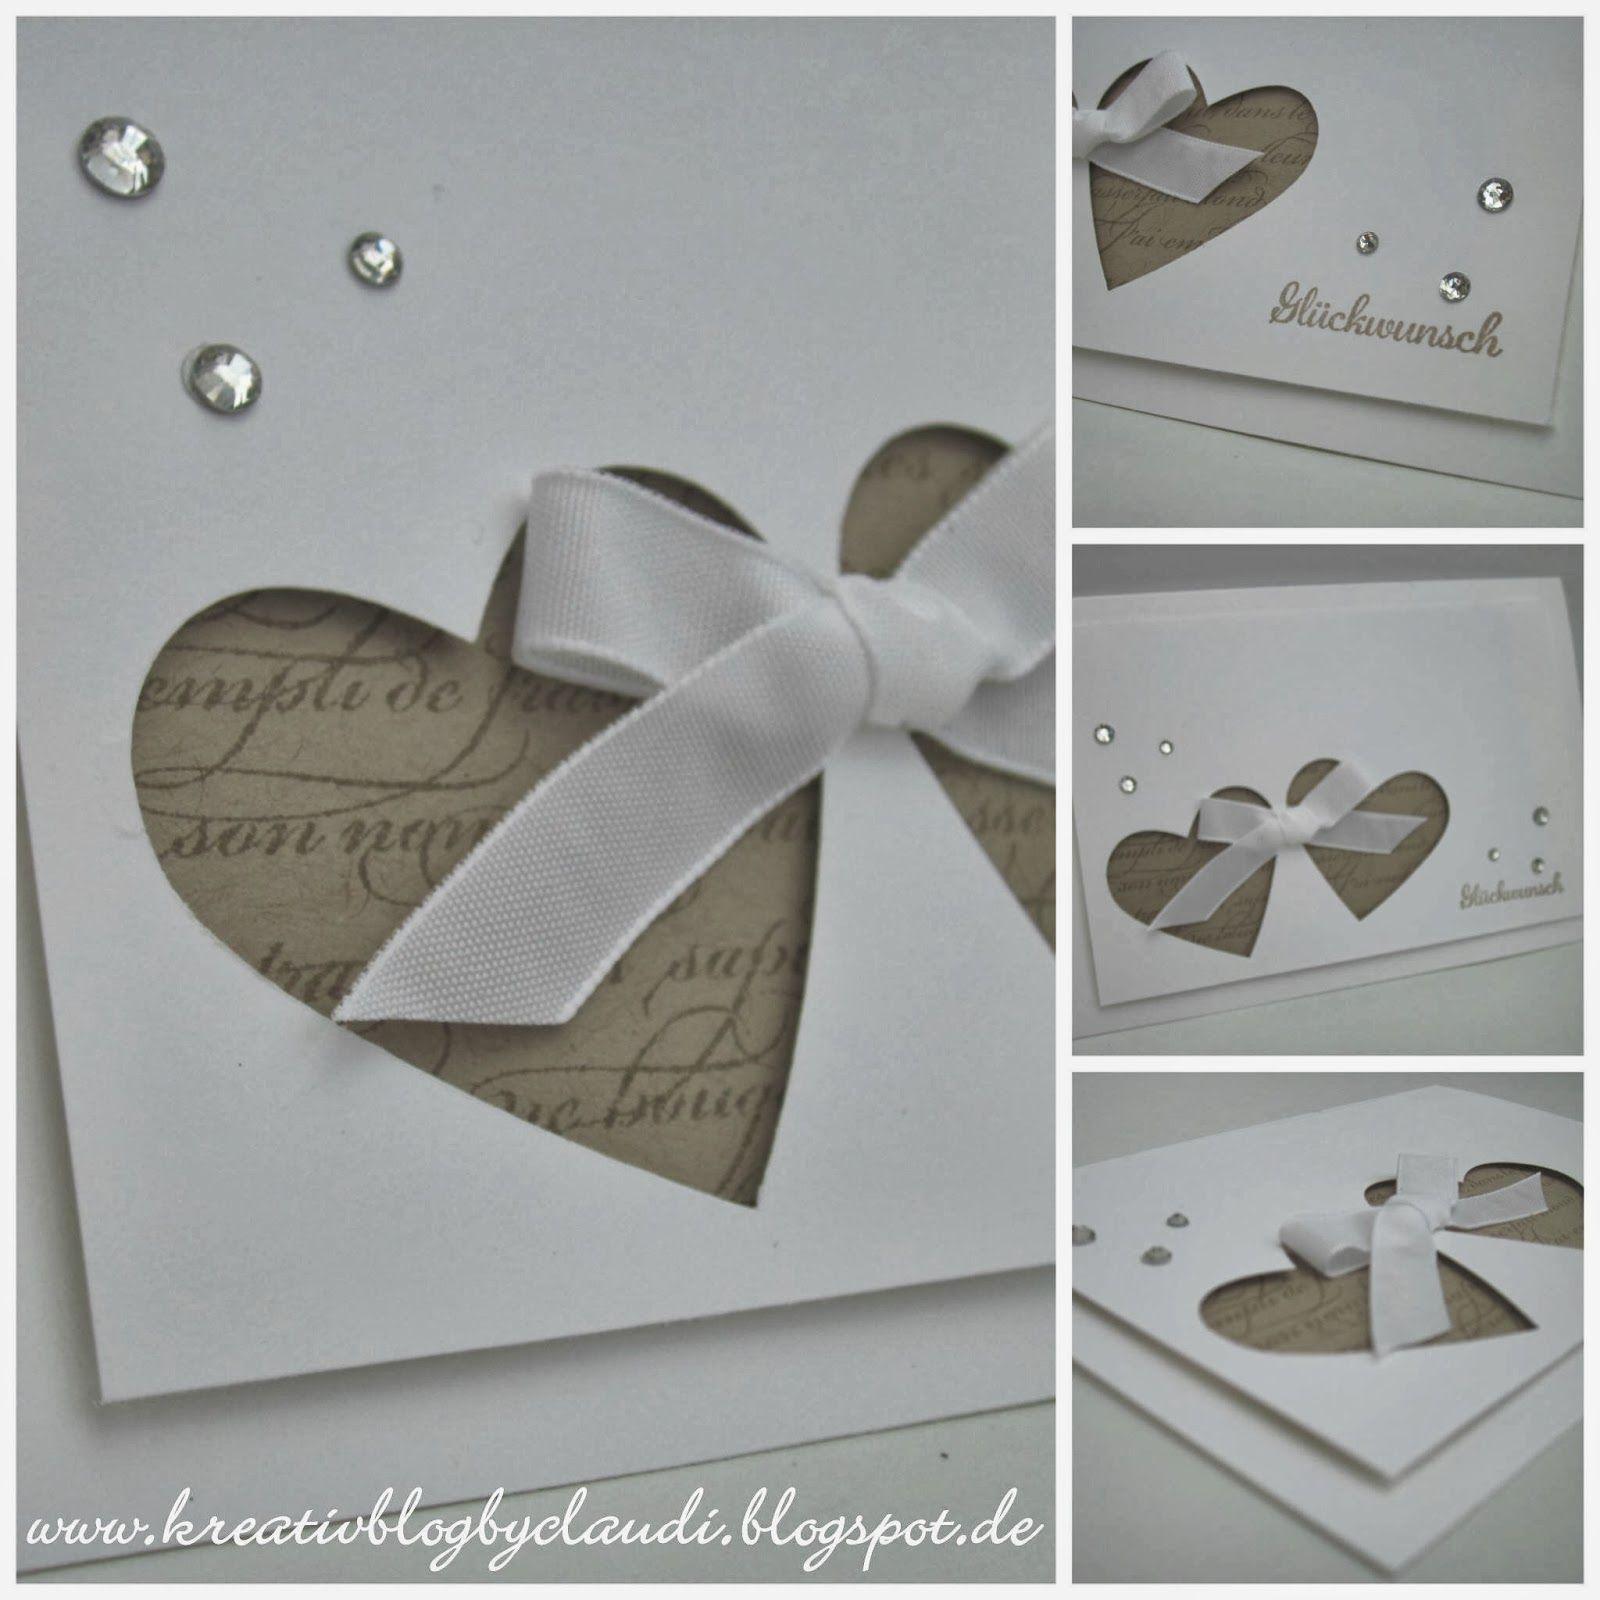 Открытка день, объемная открытка на годовщину свадьбы своими руками